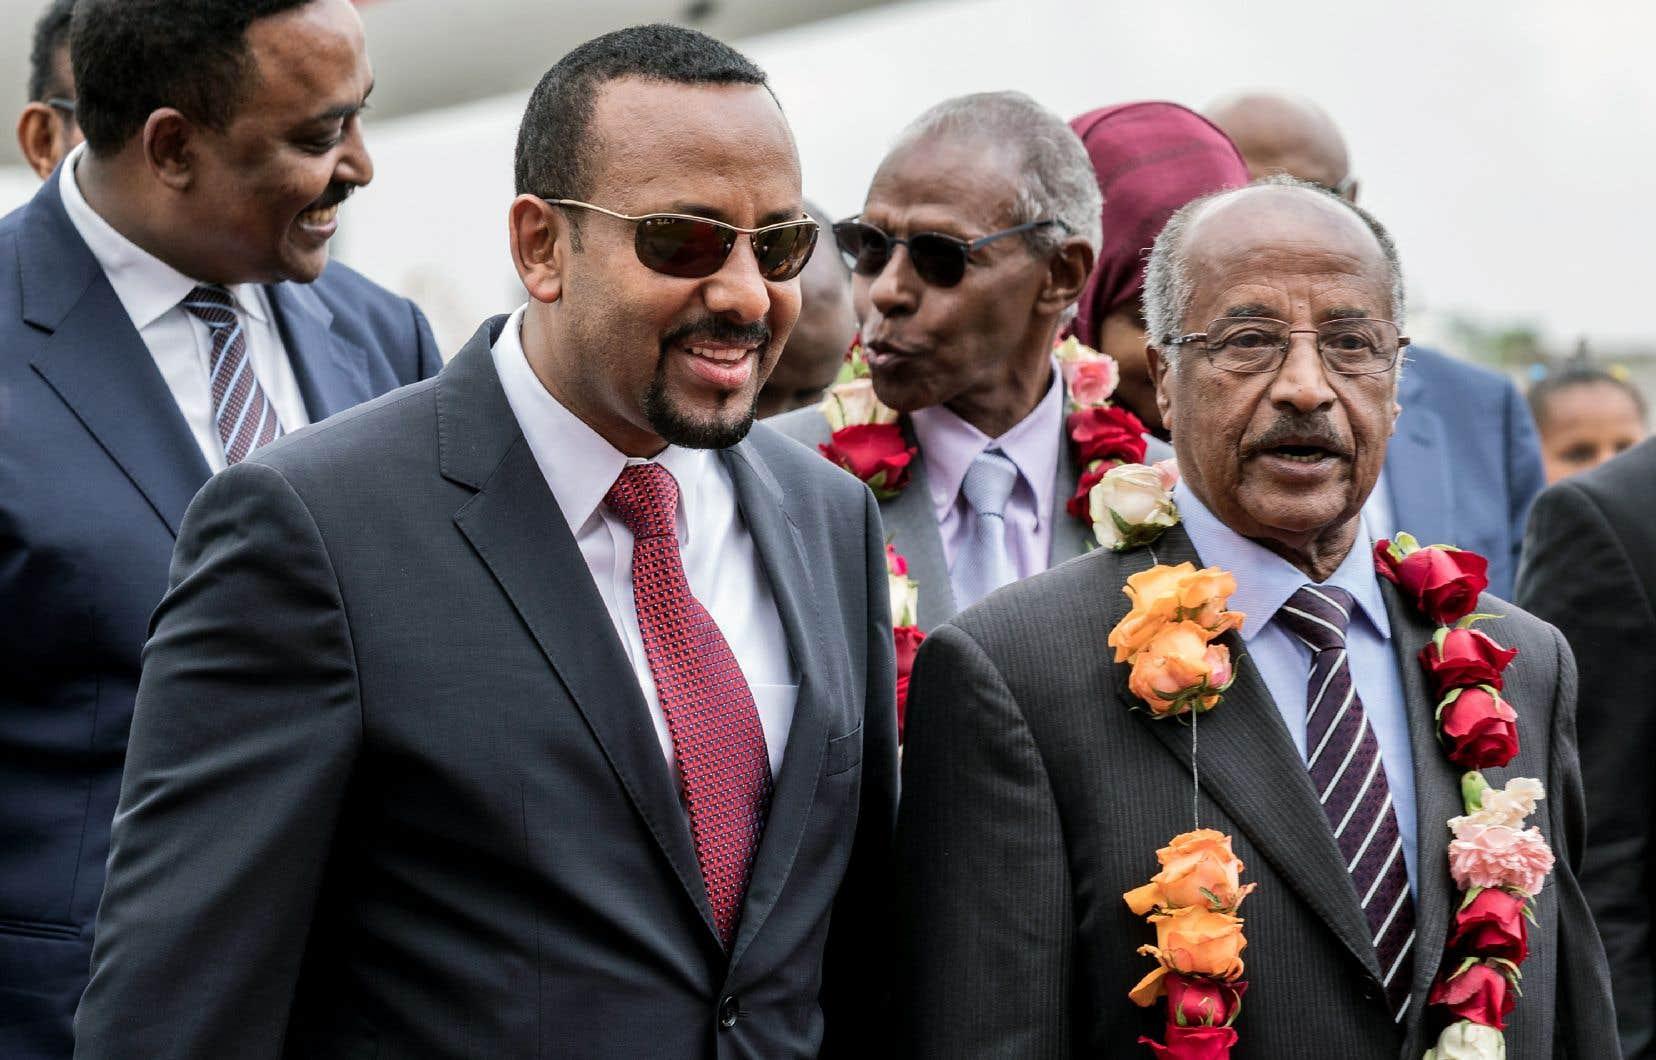 Le premier ministre éthiopien, Abiy Ahmed, et le ministre des Affaires étrangères d'Érythrée, Osman Saleh Mohammed